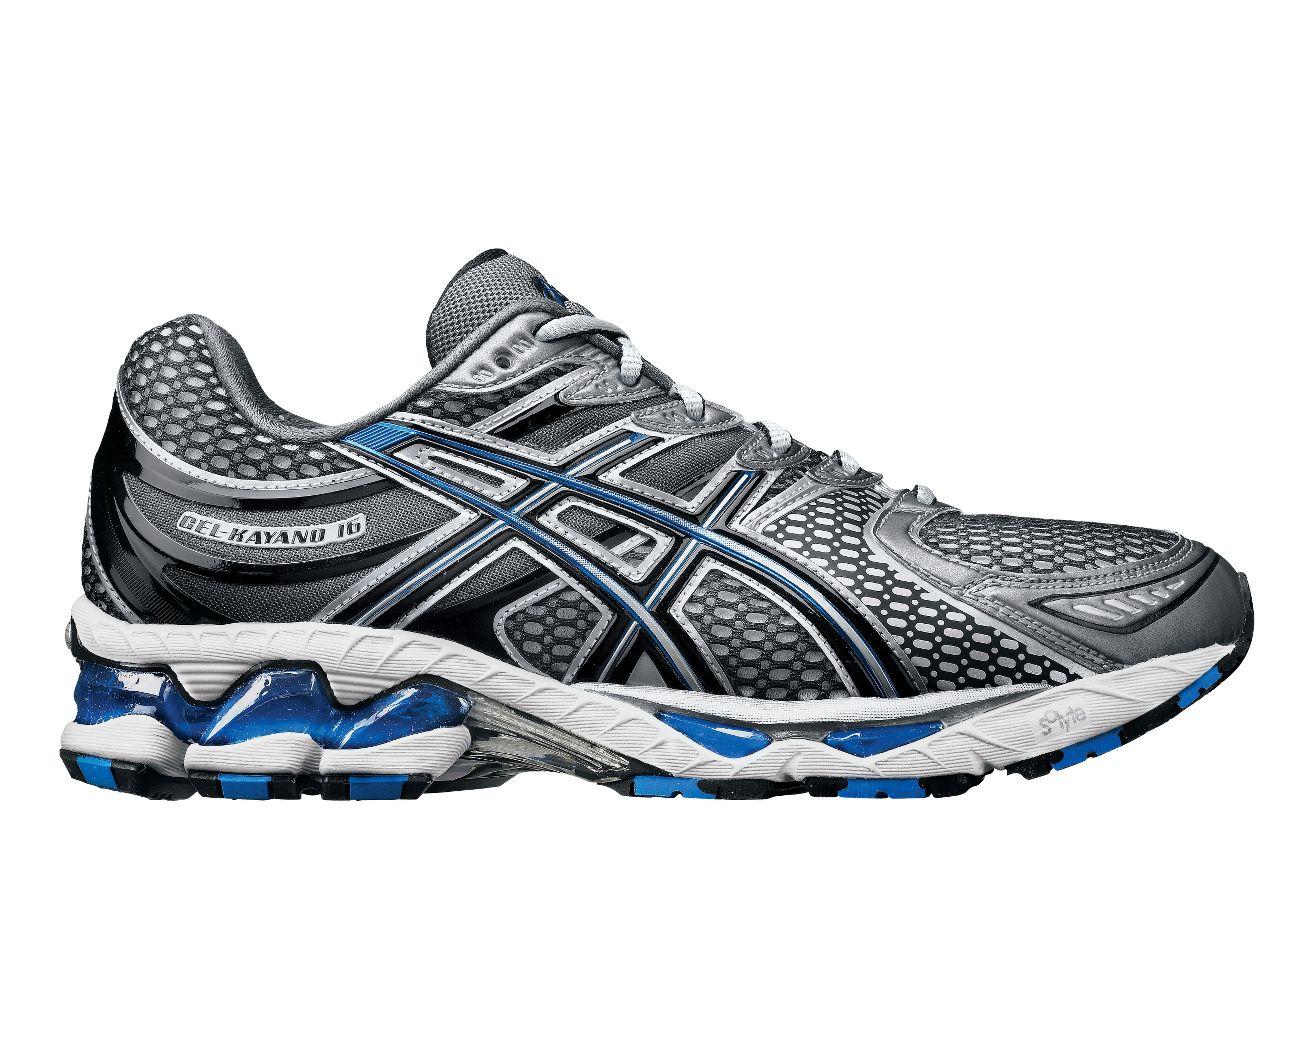 tujfk39p uk asics gel kayano 16 running shoes for men. Black Bedroom Furniture Sets. Home Design Ideas